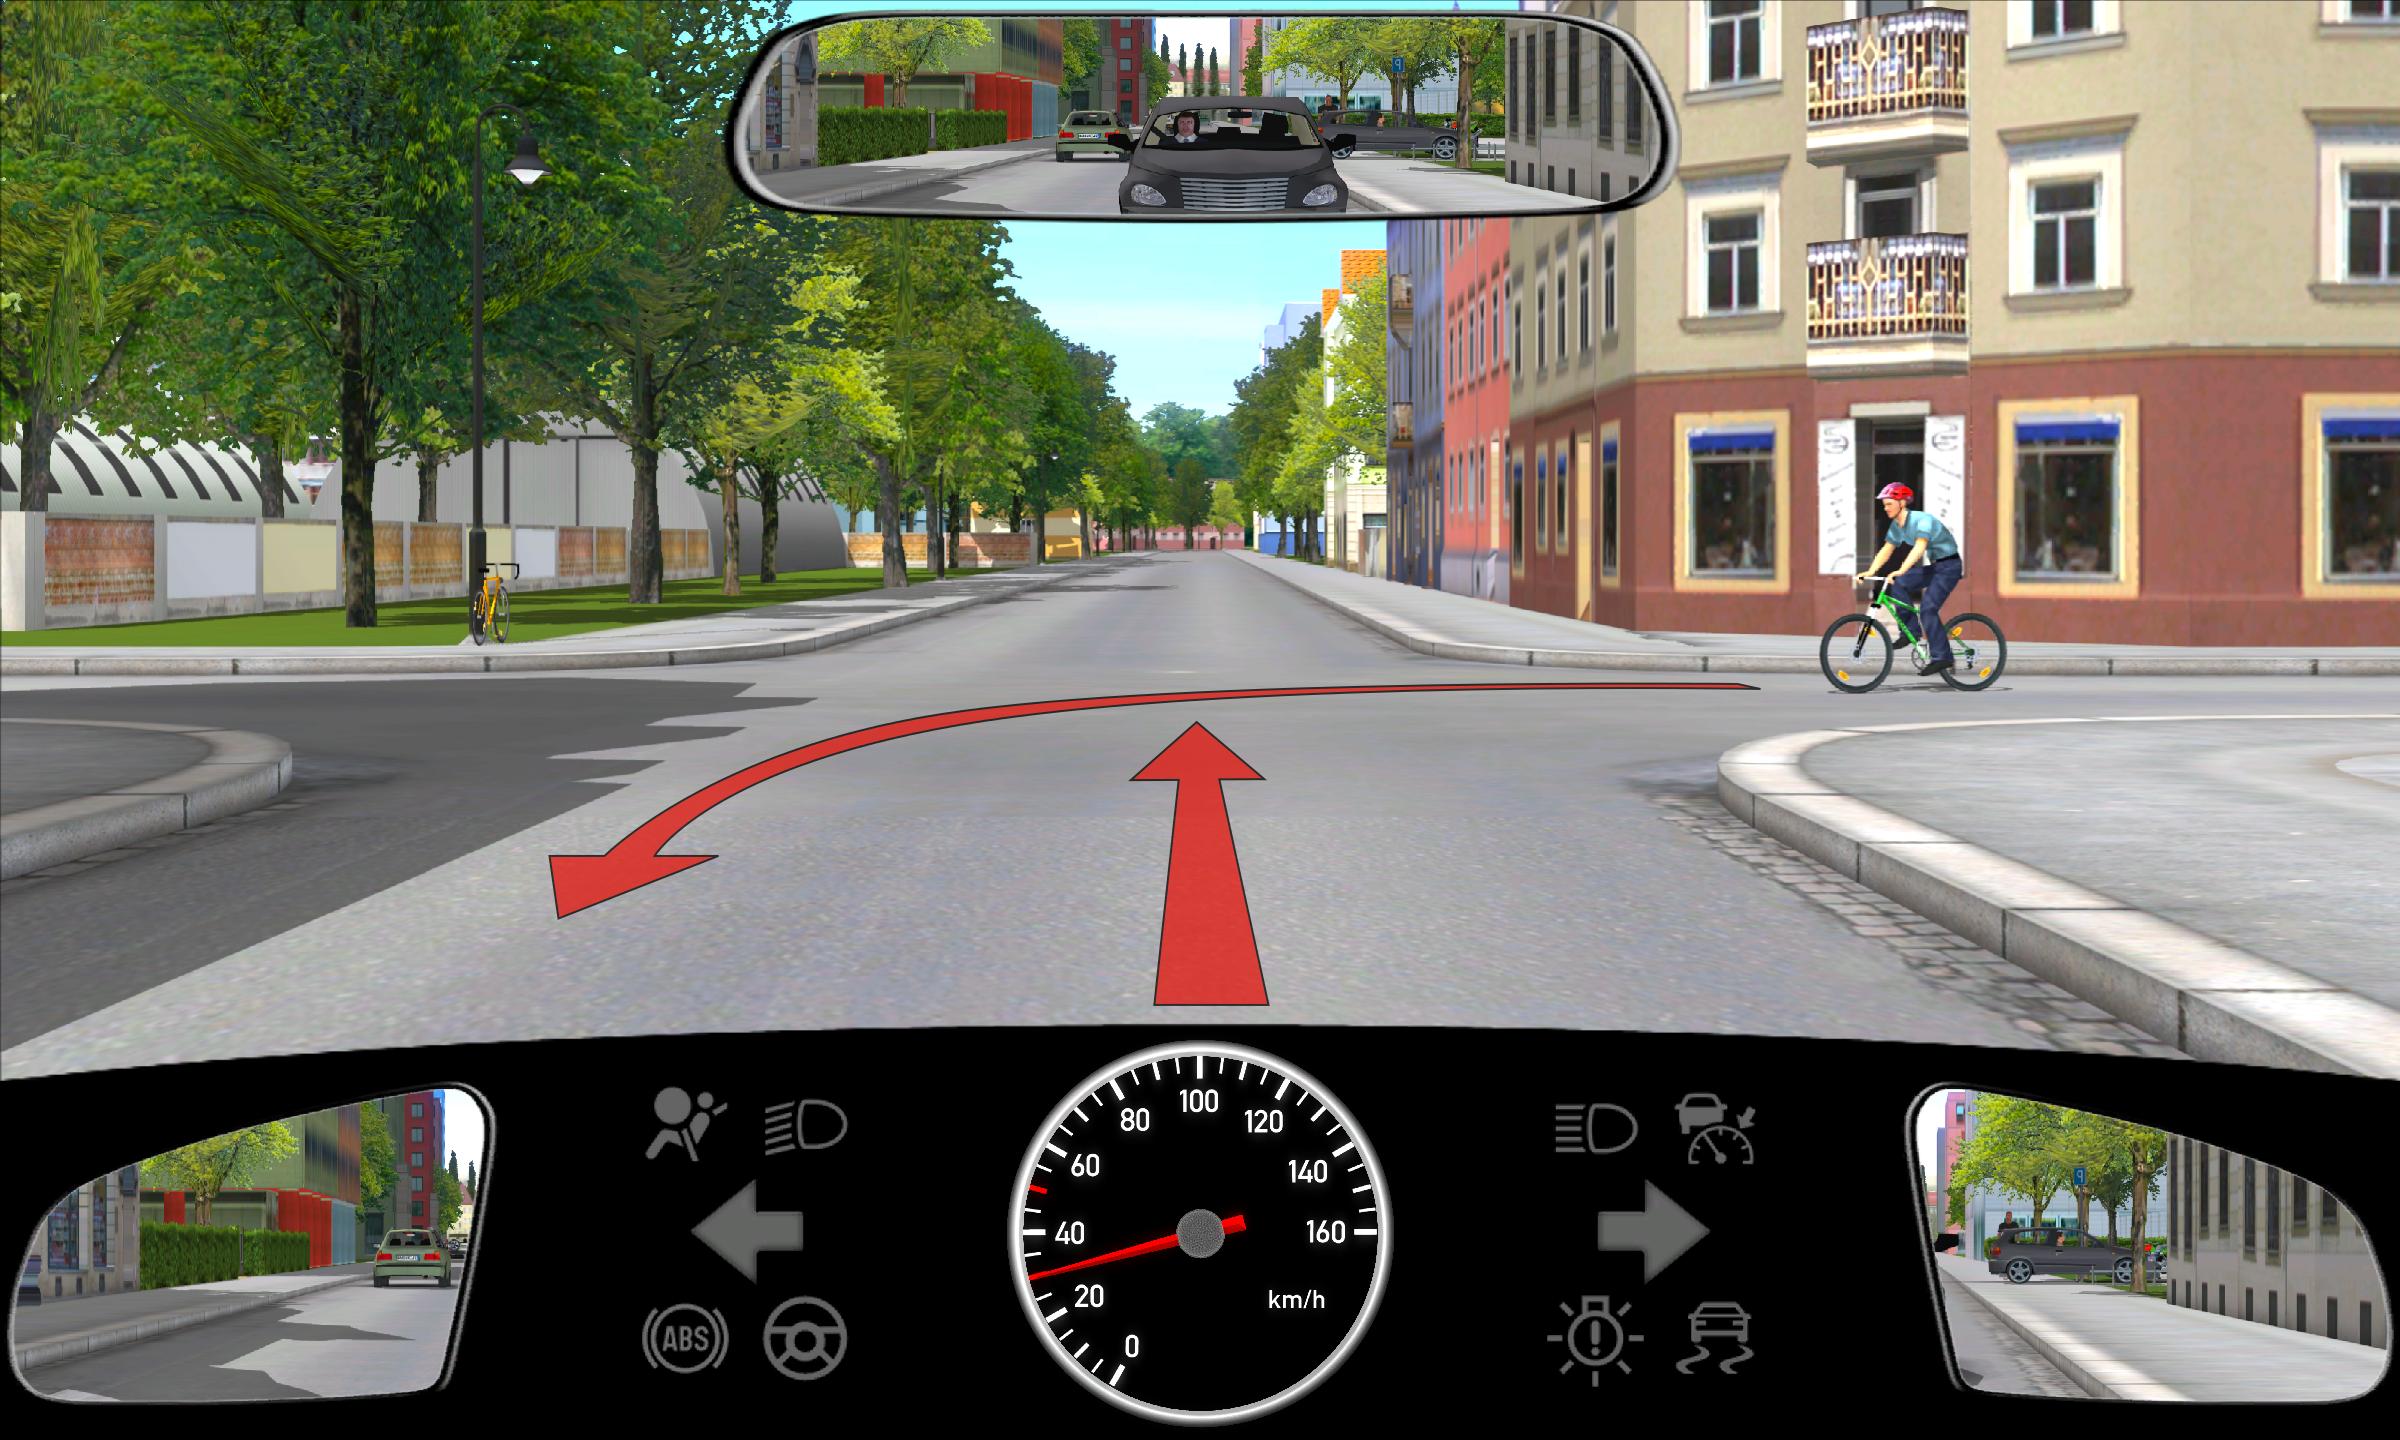 Wie verhalten sie sich jetzt richtig radfahrer